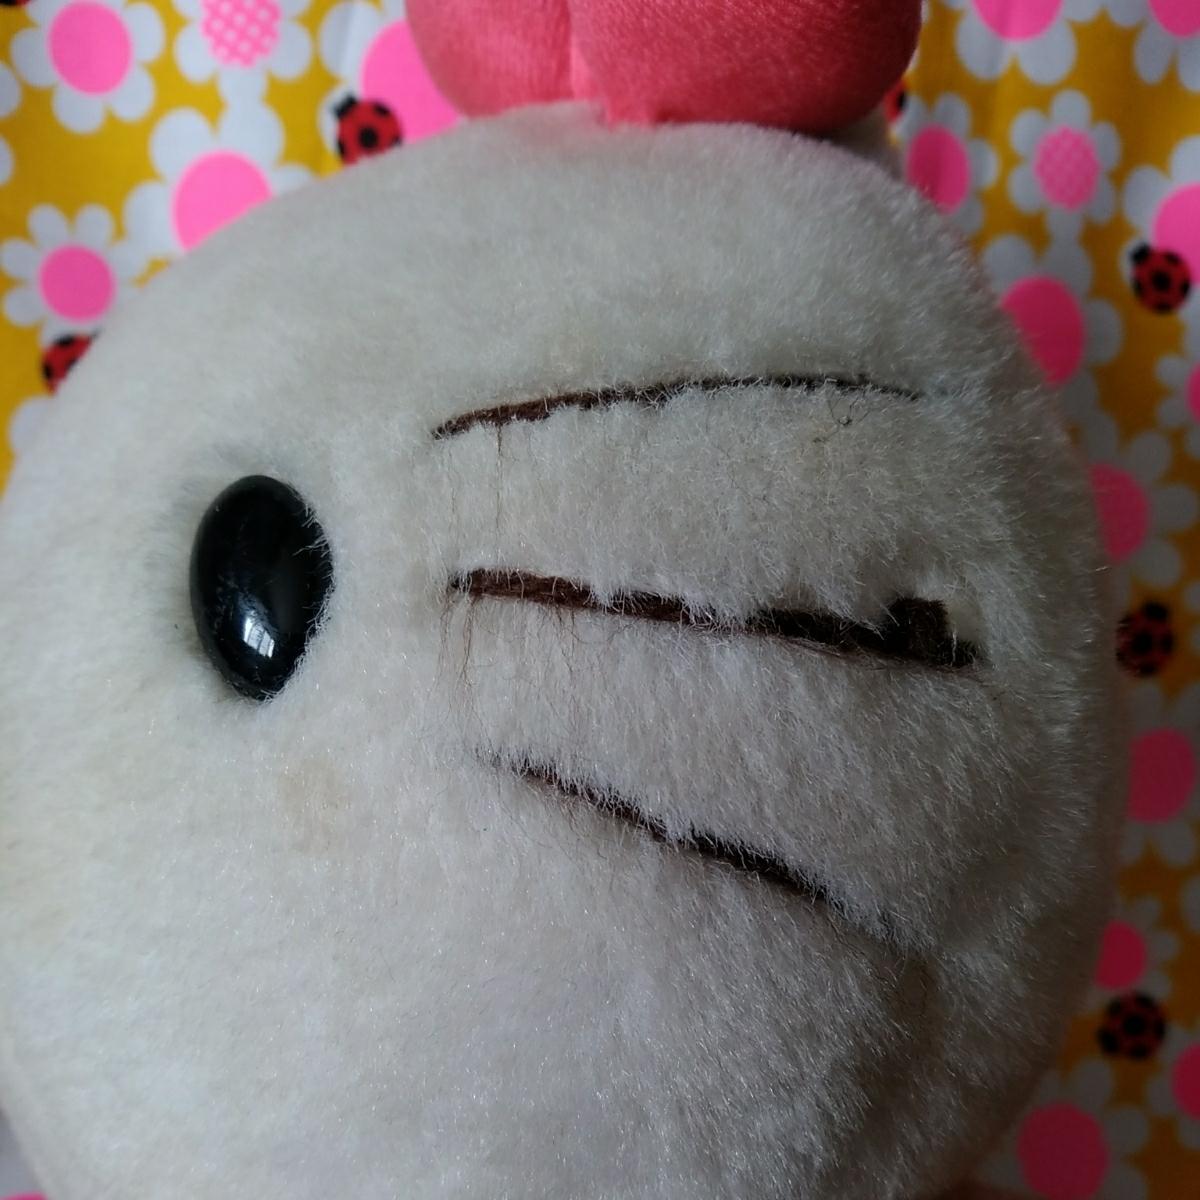 年代物 当時物 昭和 レトロ サンリオ キティ 希少 ぬいぐるみ 人形 30cm 難あり コレクション コレクター 日本製_画像9